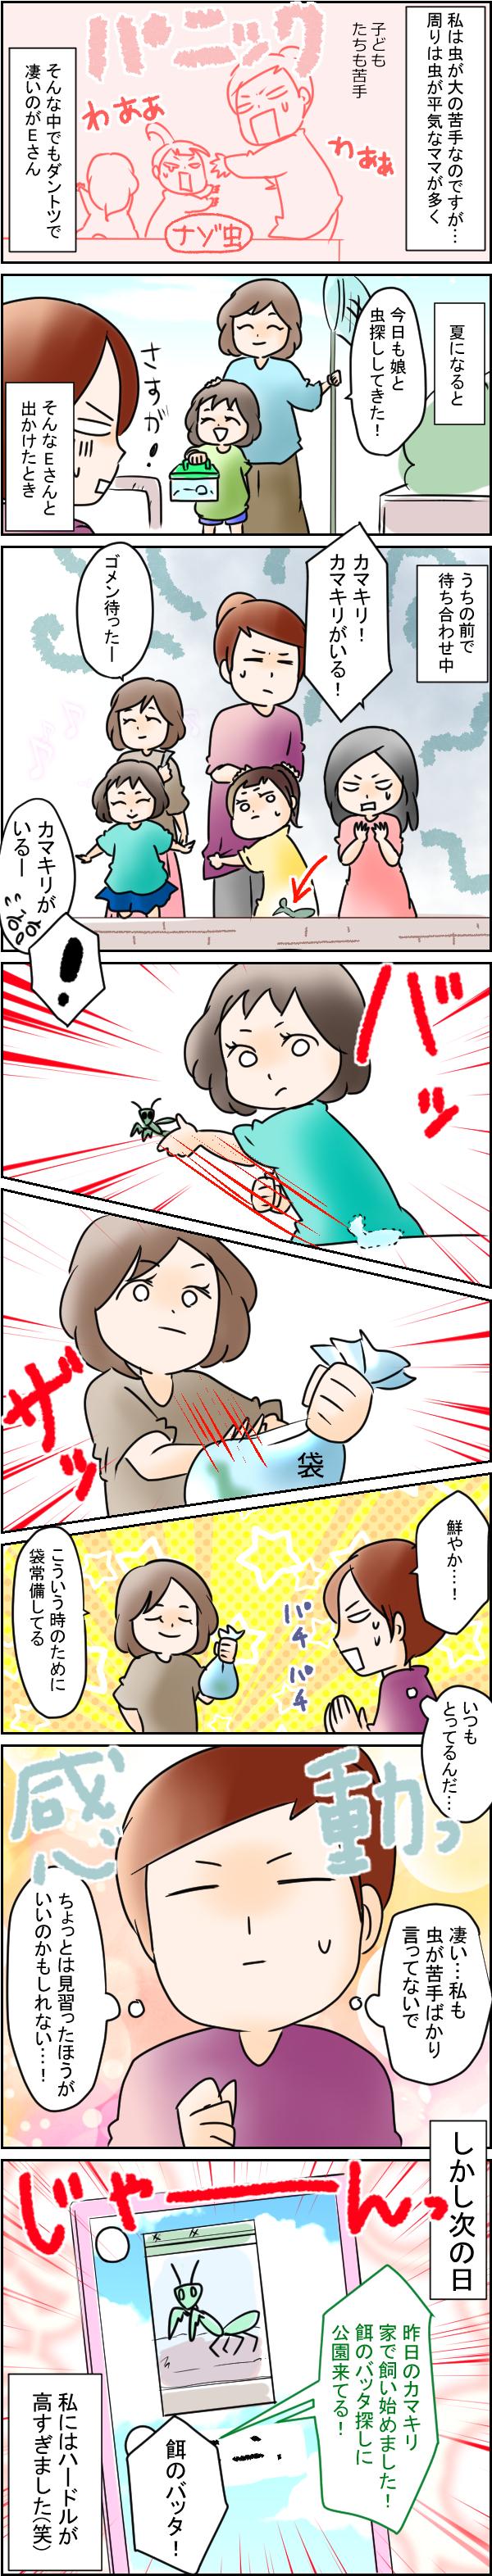 まさに勇者!虫が苦手な私が、虫好きなママ友を心から「すごい!」と思った話の画像1